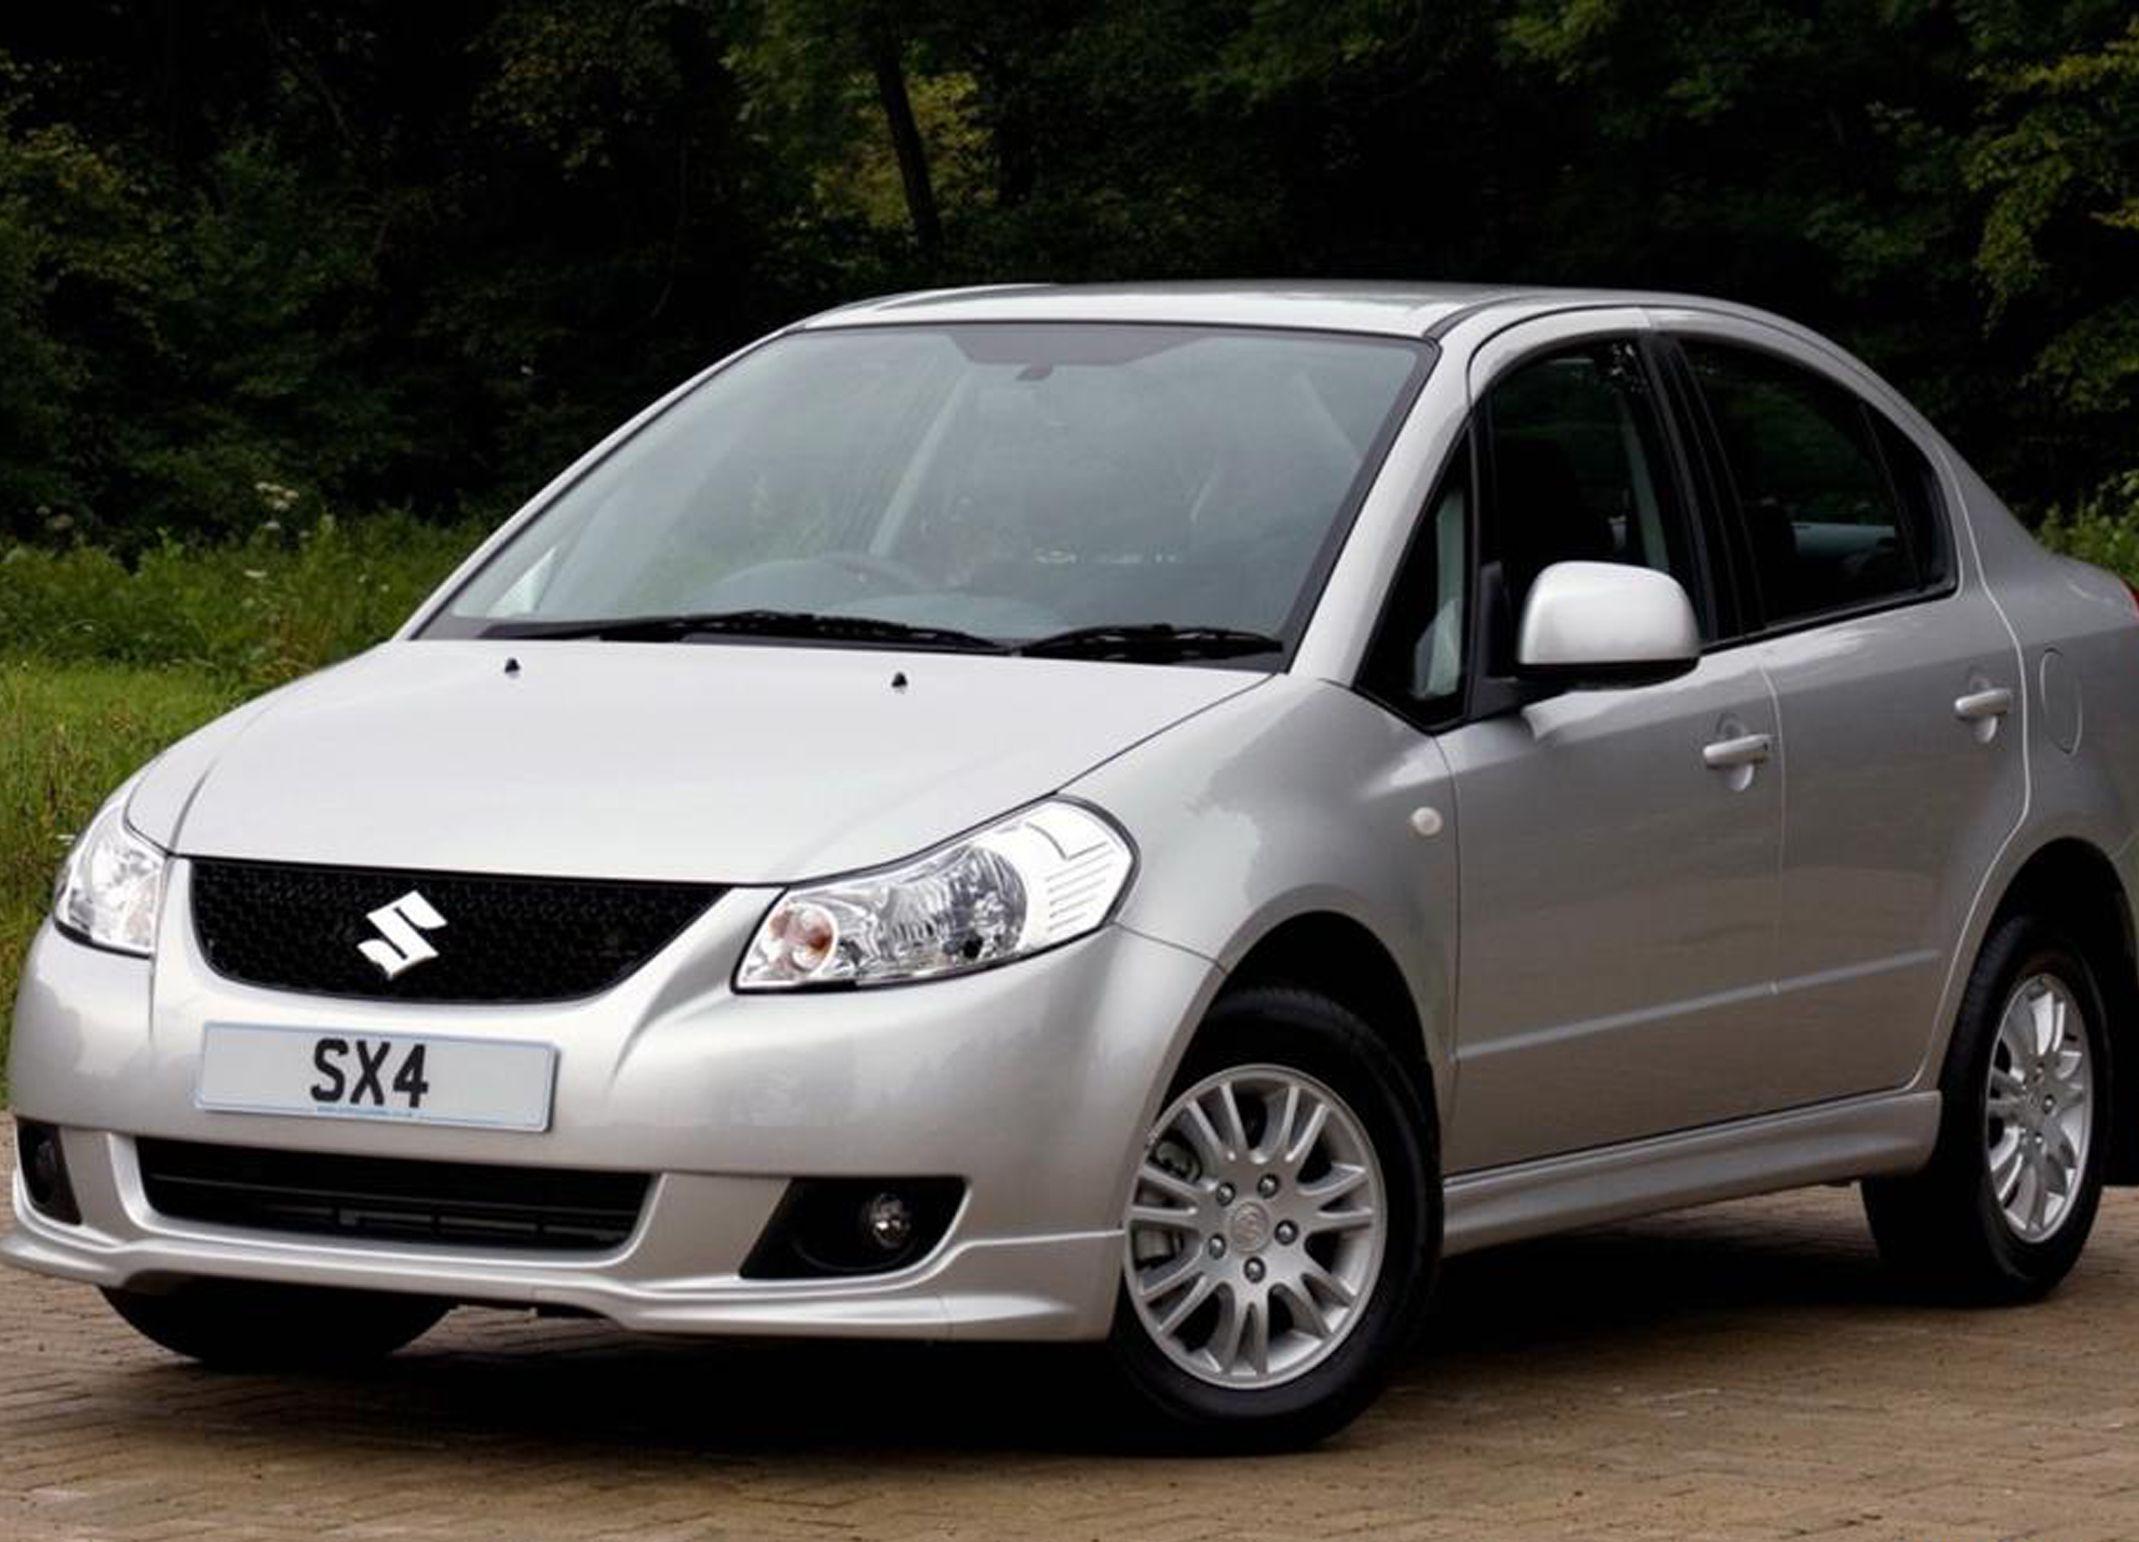 Нужно ли делать дополнительную антикоррозийную обработку Suzuki SX4?